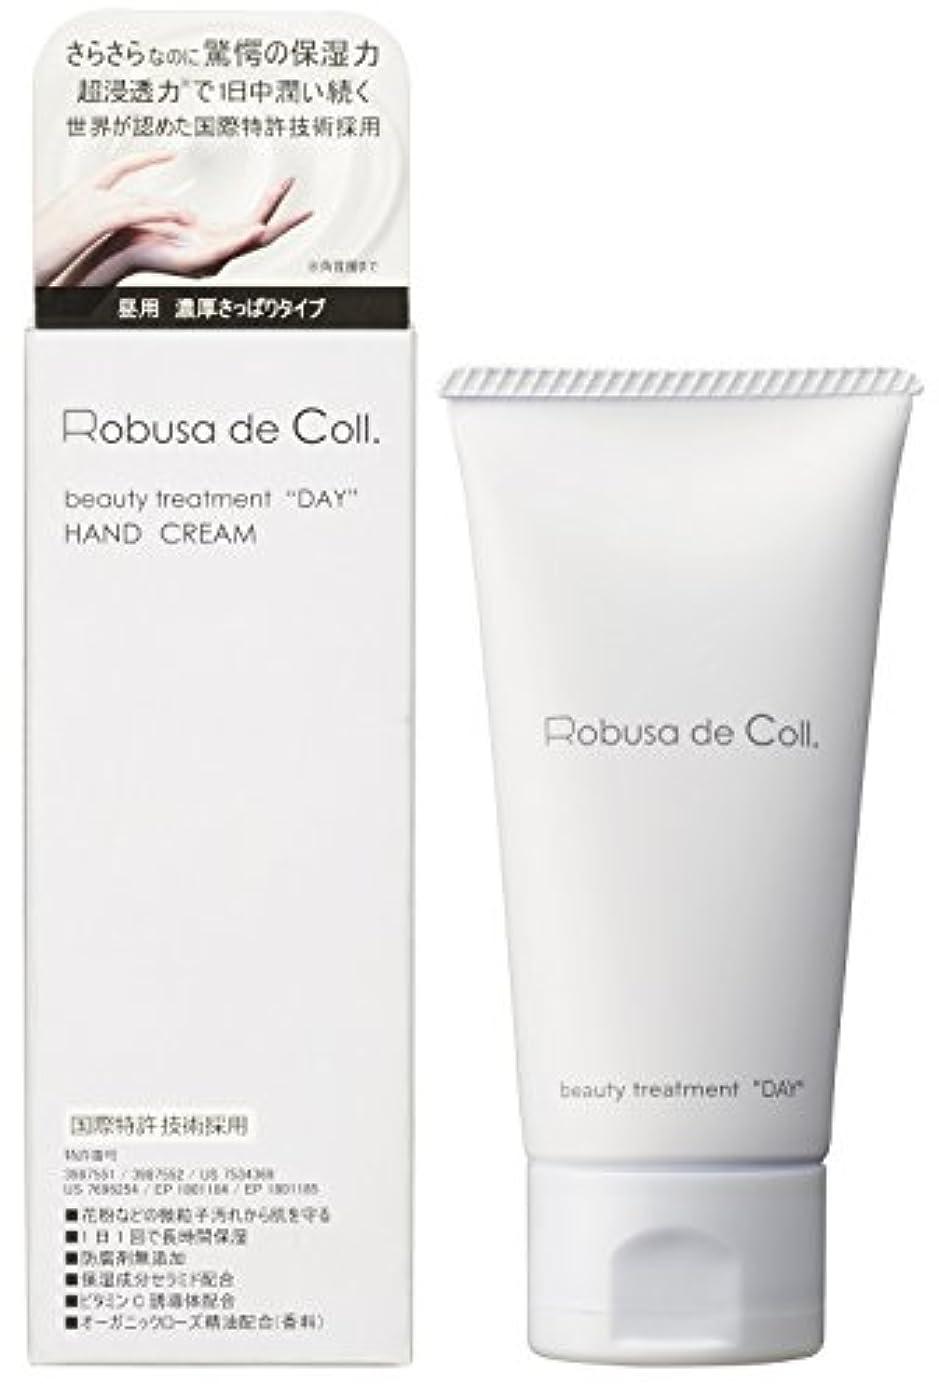 排除運営ドキュメンタリーRobusa de Coll. (ロブサデコル) デイケアクリーム (ハンドクリーム) 60g (皮膚保護クリーム 乾燥 敏感肌用)